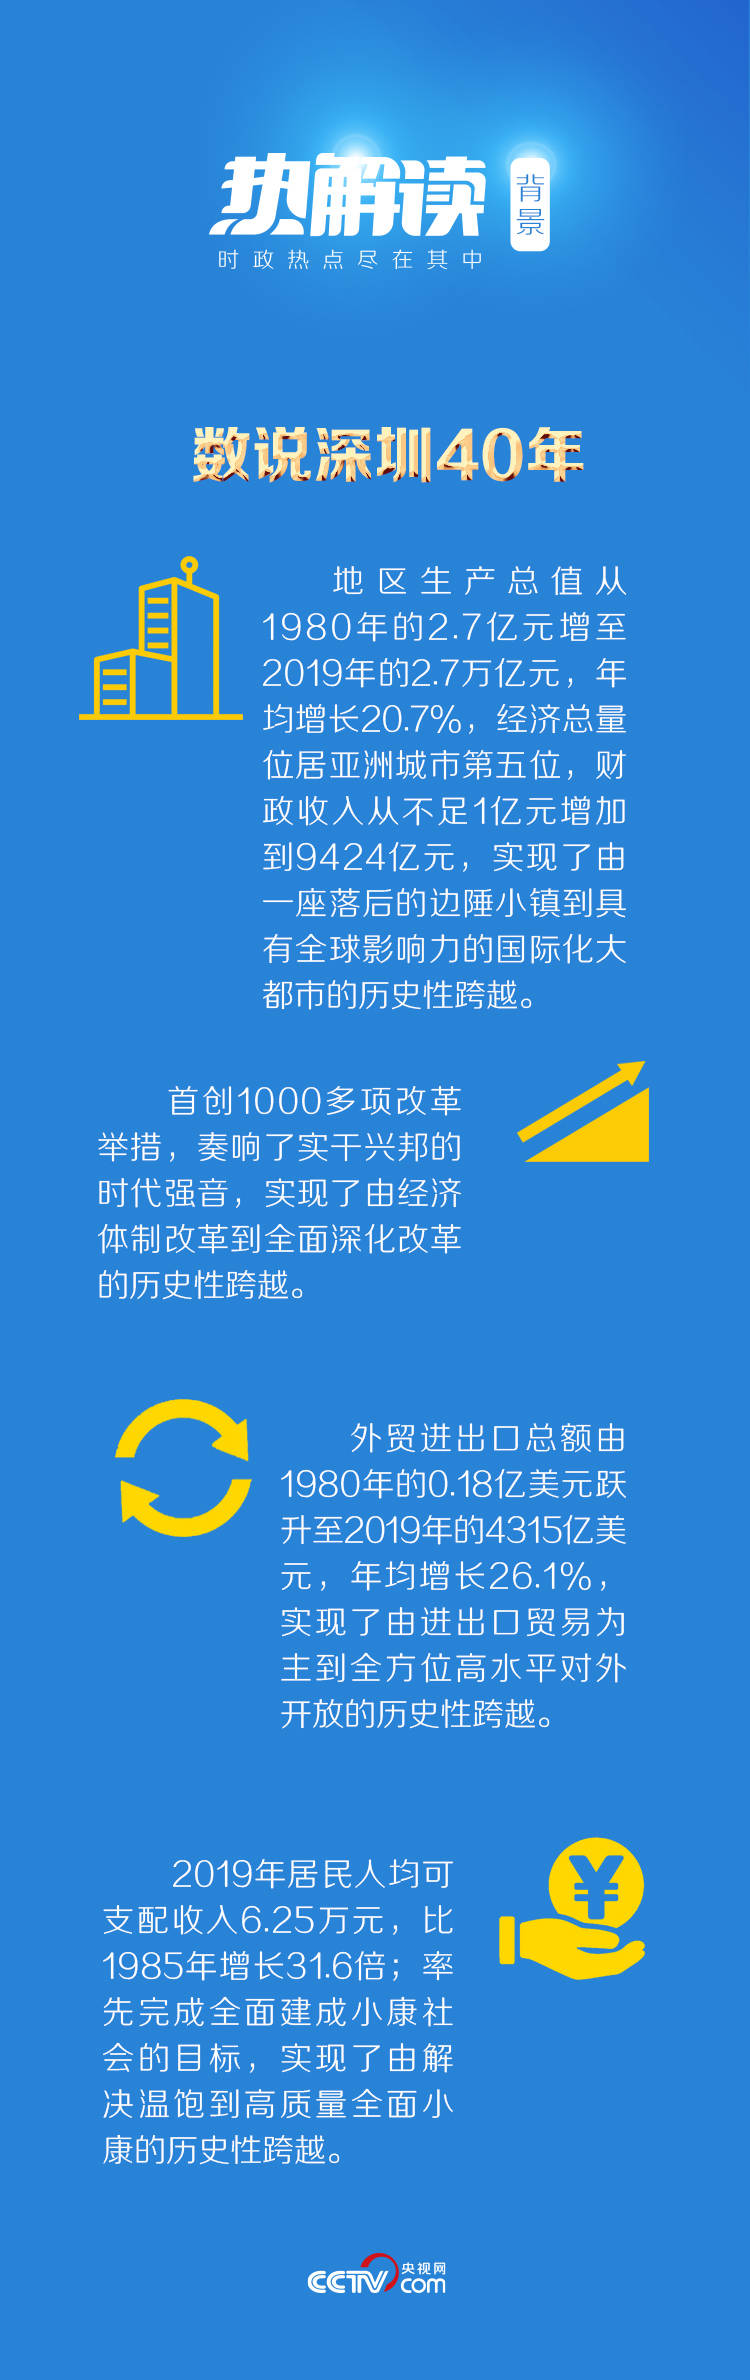 """热解读丨深圳庆生,如何理解总书记""""一张白纸""""的比喻"""